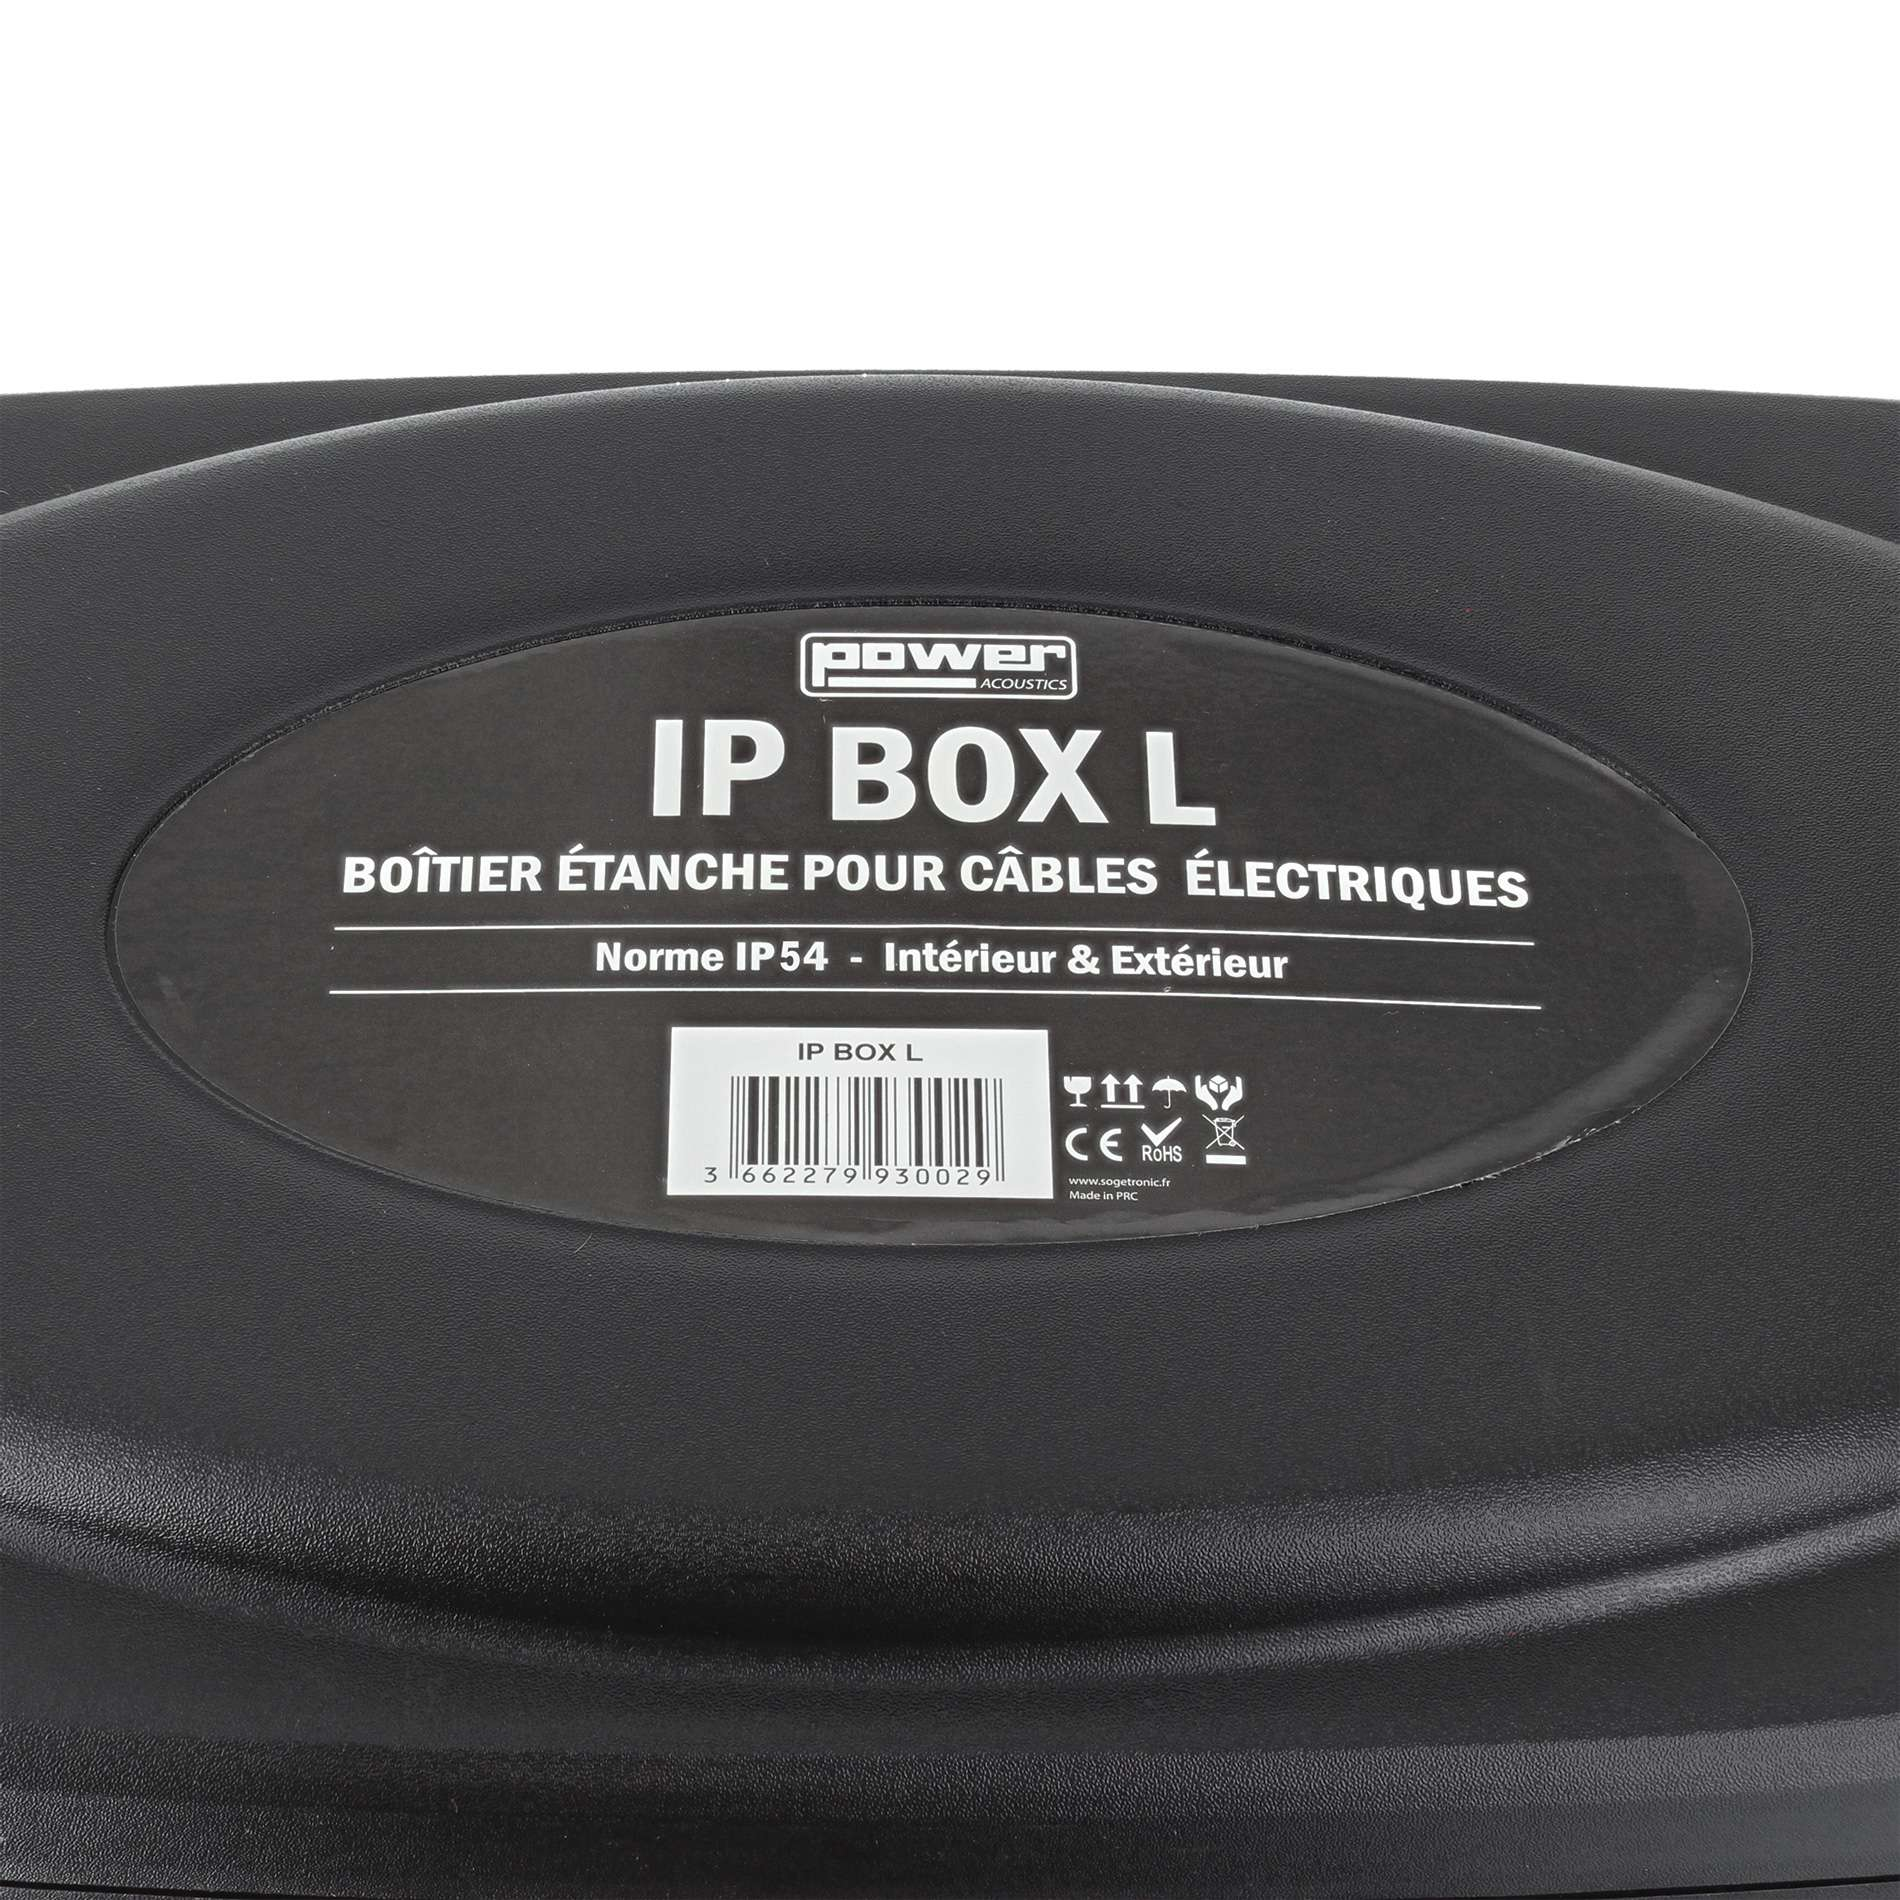 Boitier IP54 pour rendre étanche des multiprises